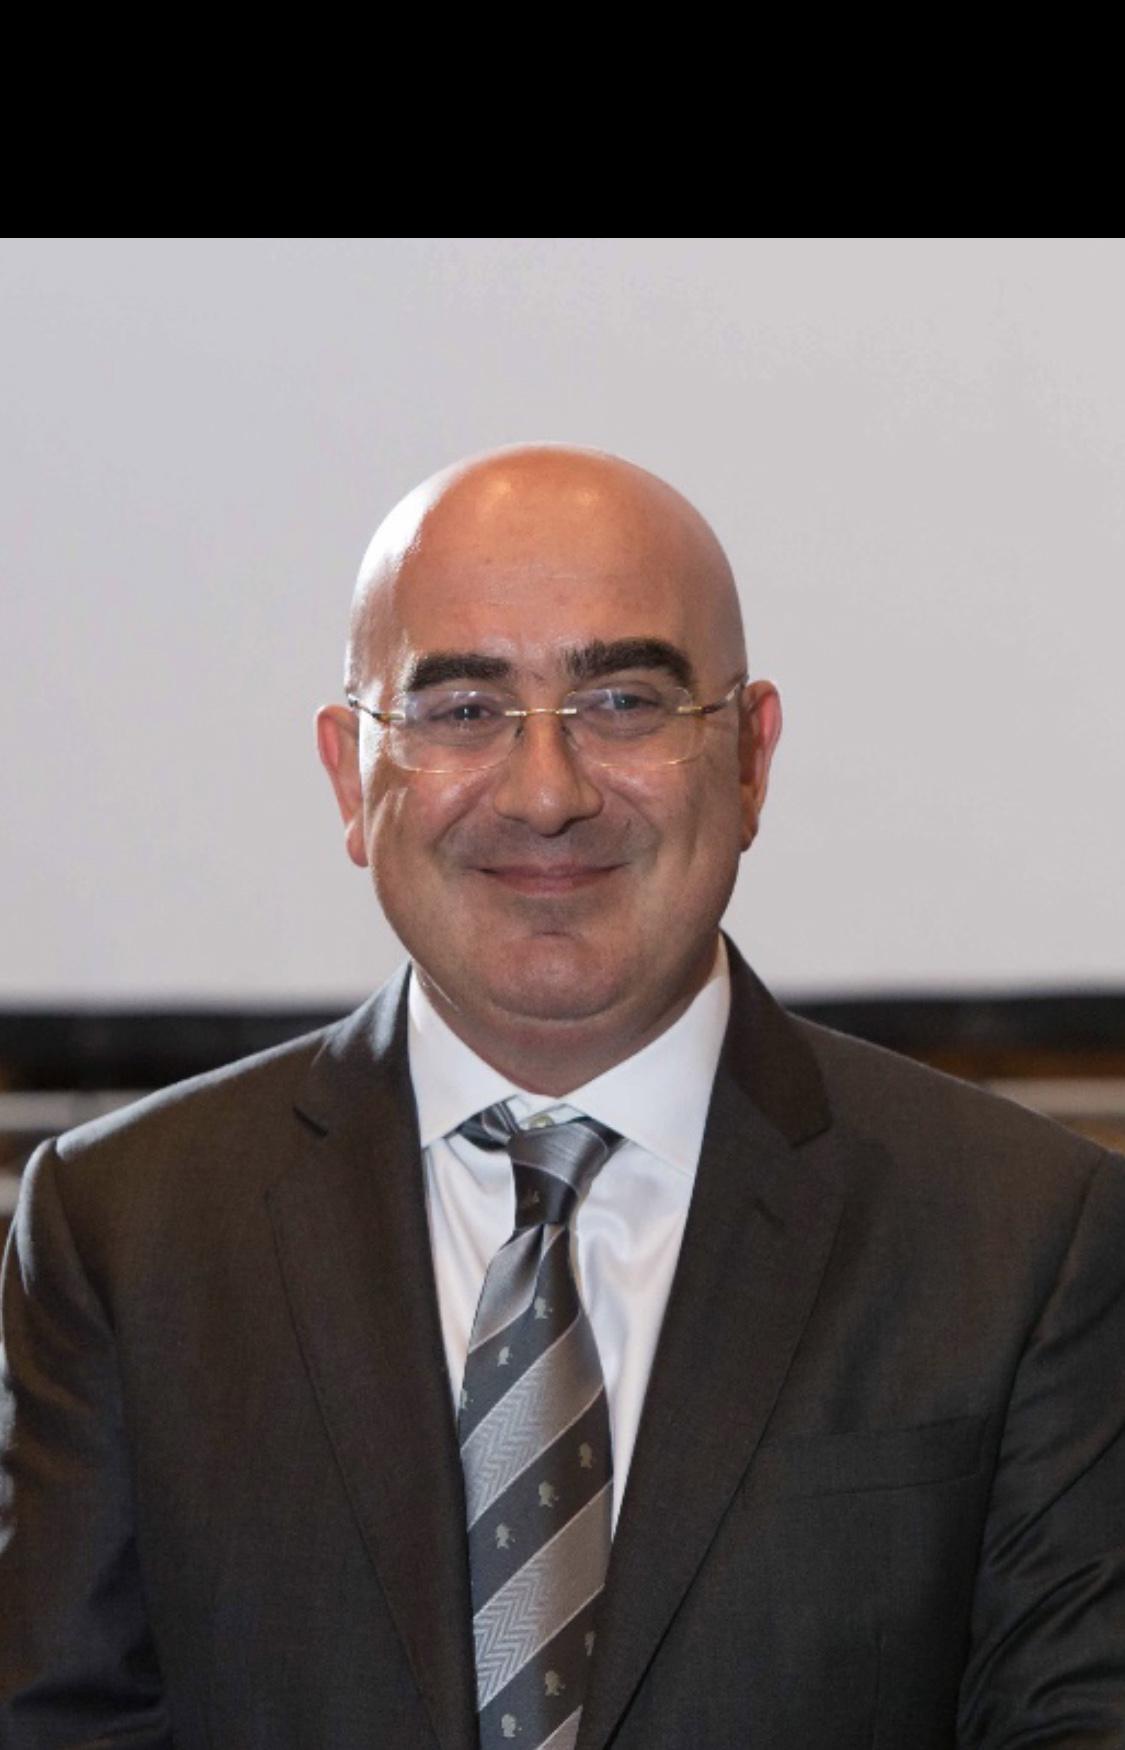 """דר' ליאור קצפ נבחר לראשות הר""""ש"""